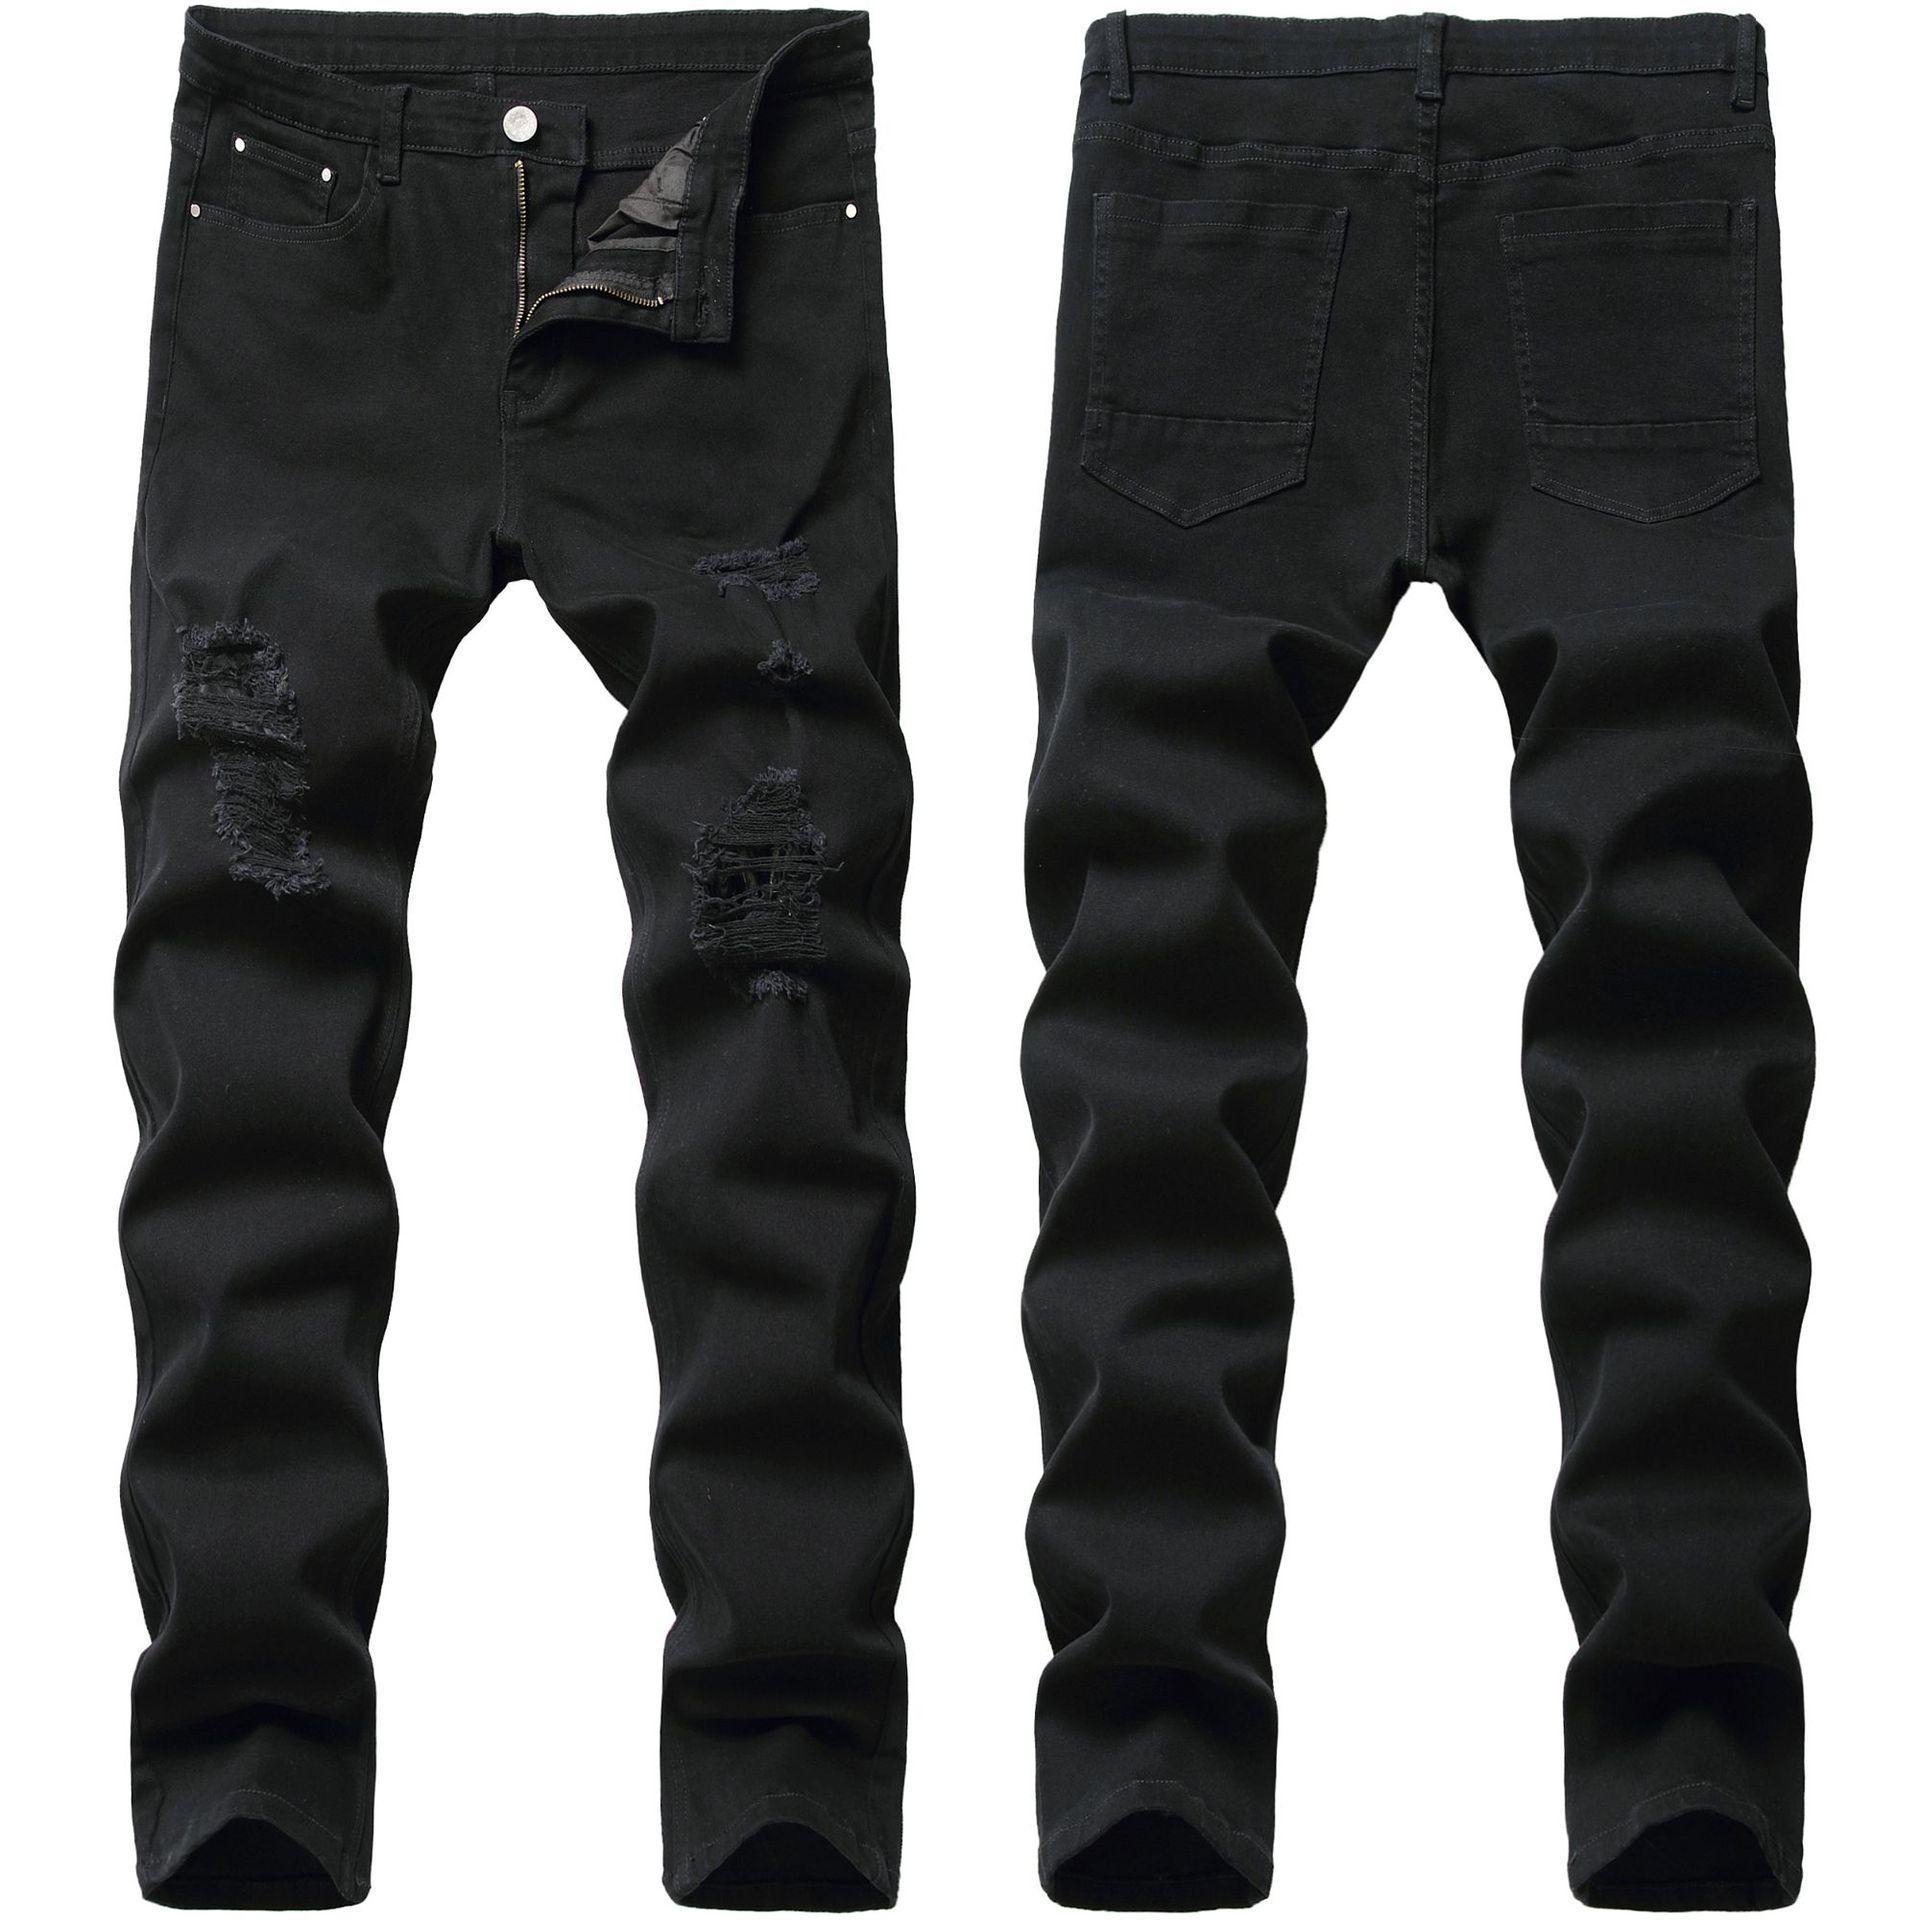 Sıska Erkek Siyah Kot Serin Erkekler Kot Yırtık Delik Streç Slim Fit Denim Biker Jeans Hip Hop Erkekler Streetwear 2021 #